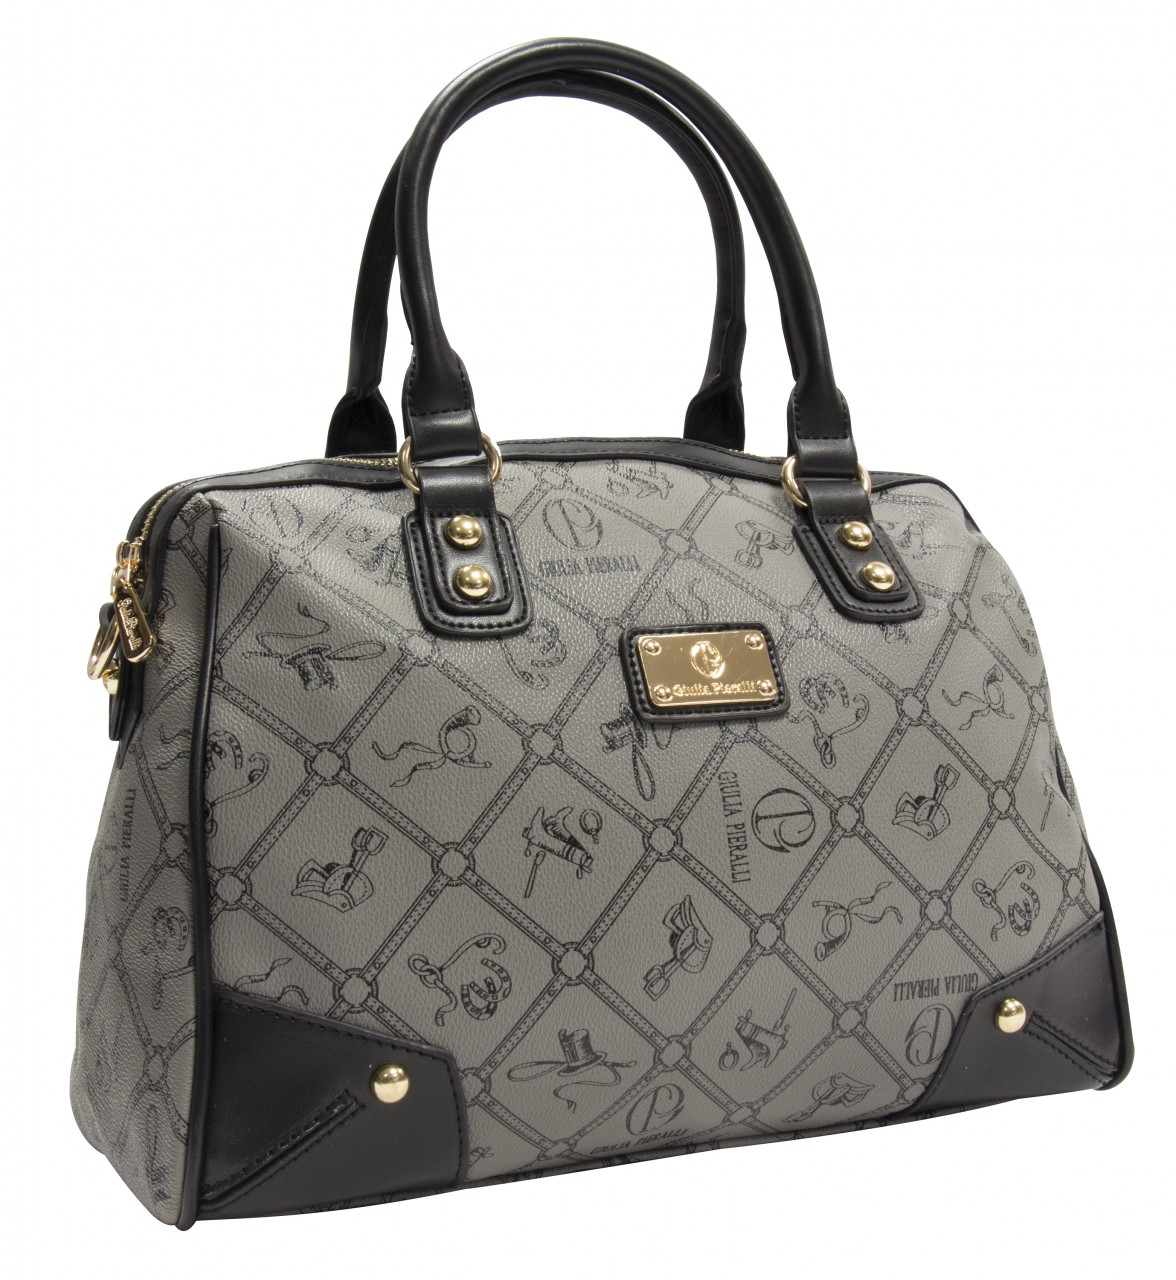 Giulia Pieralli Damen Handtasche Damentasche 2622B in Grau